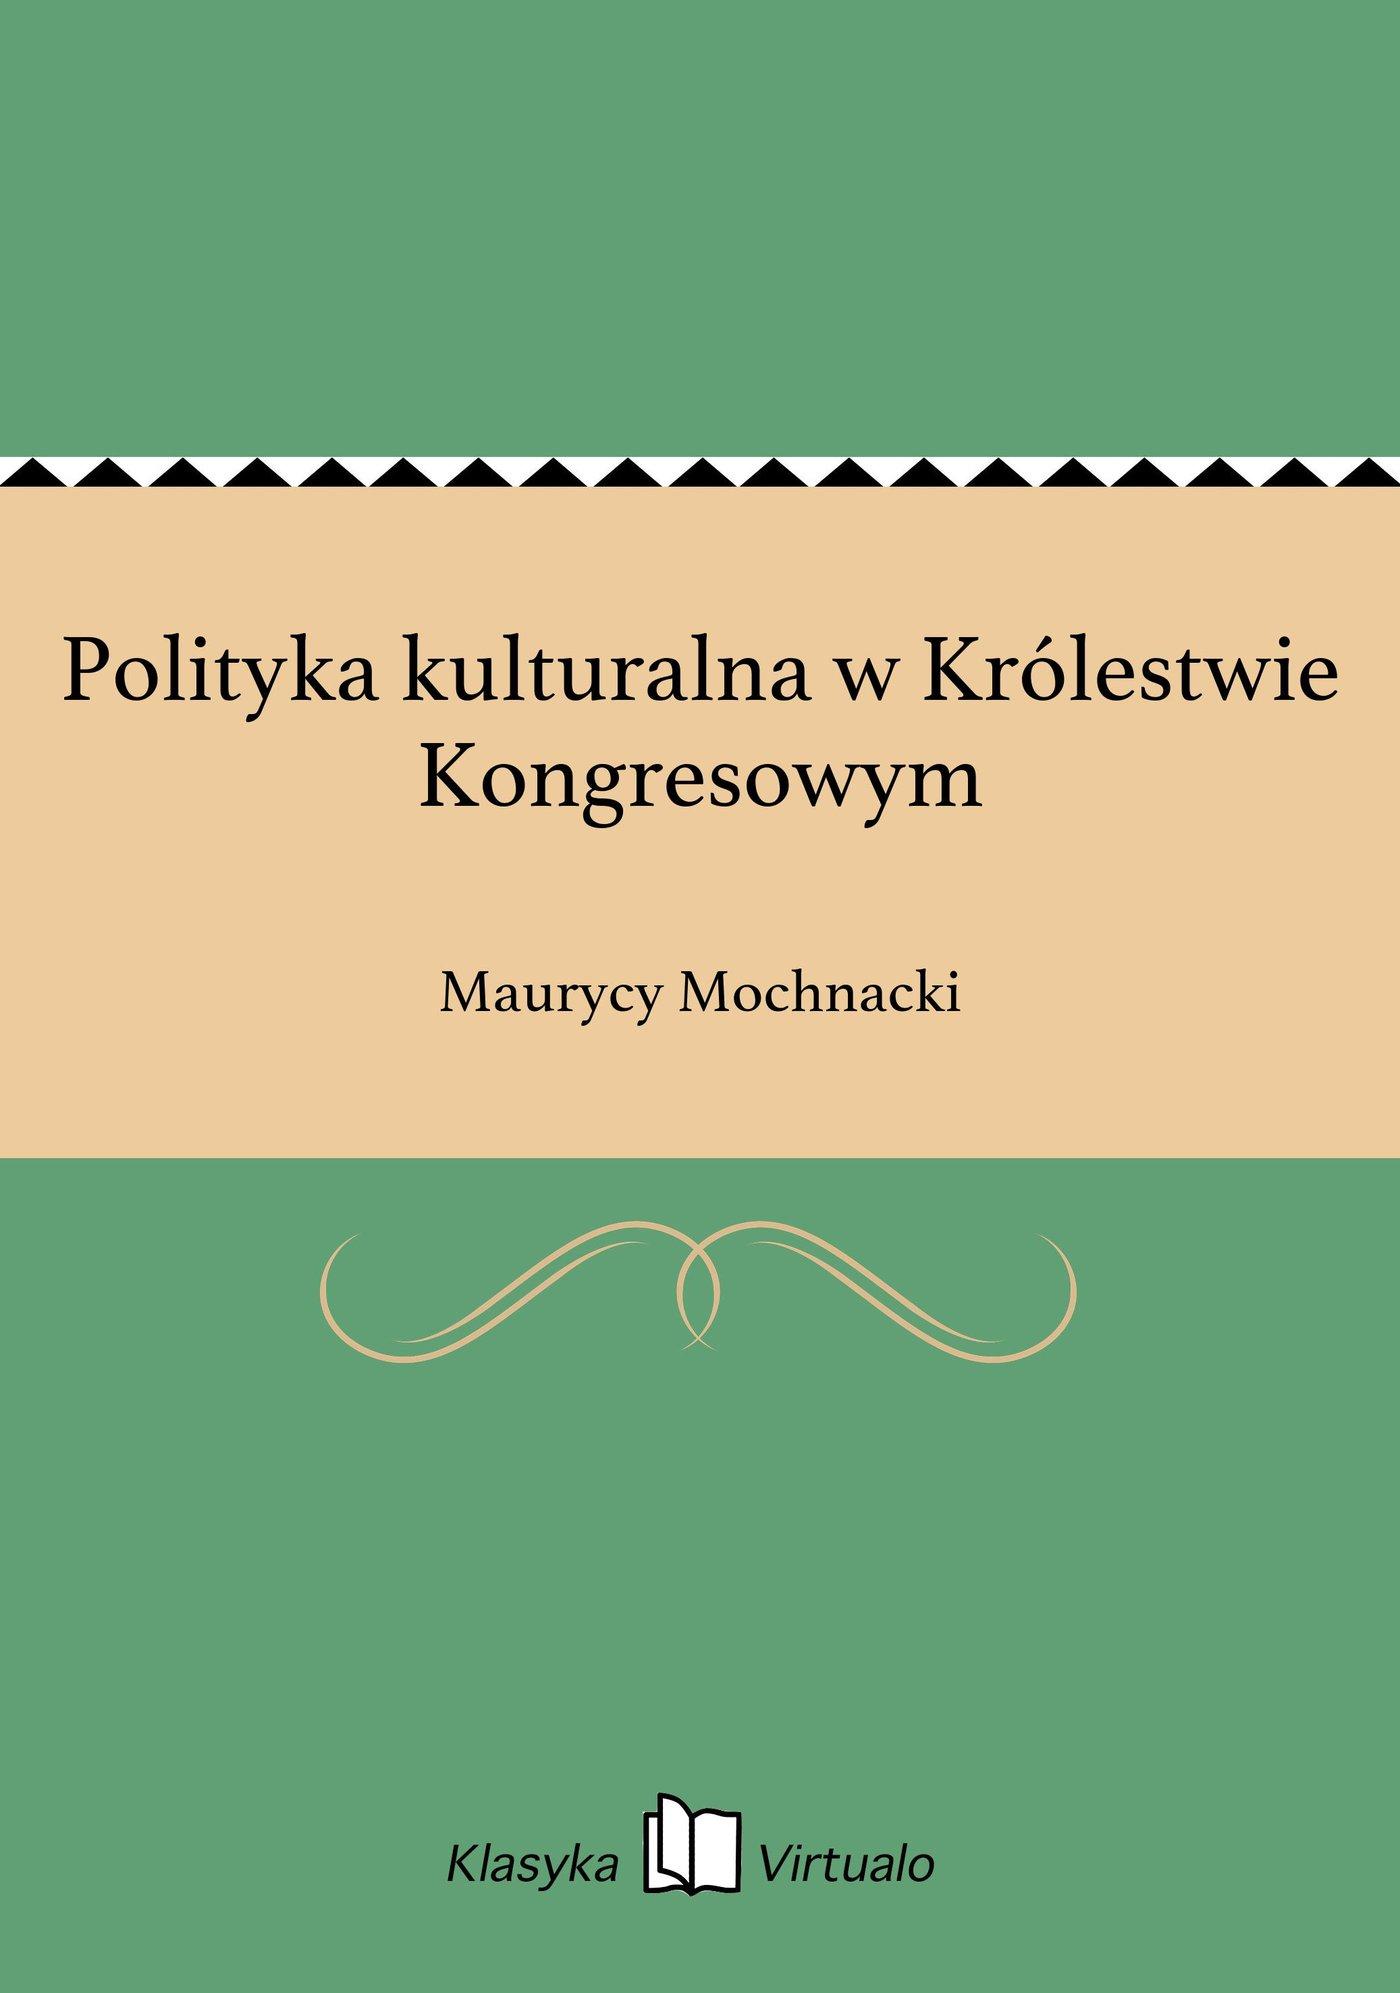 Polityka kulturalna w Królestwie Kongresowym - Ebook (Książka na Kindle) do pobrania w formacie MOBI